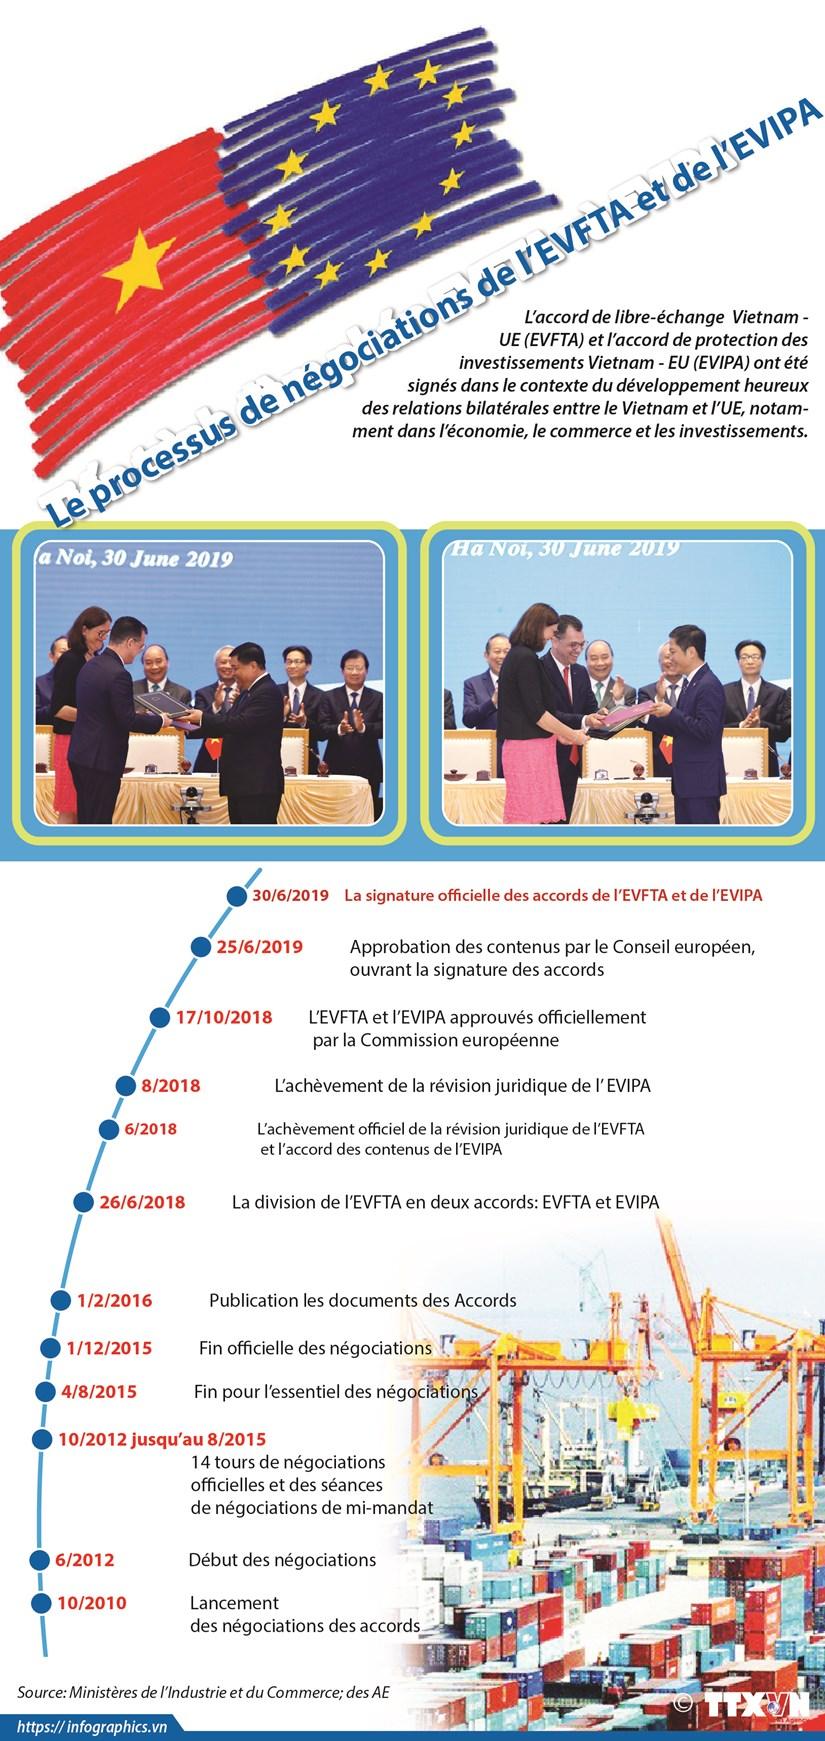 Le processus de negociations de l'EVFTA et de l'EVIPA hinh anh 1